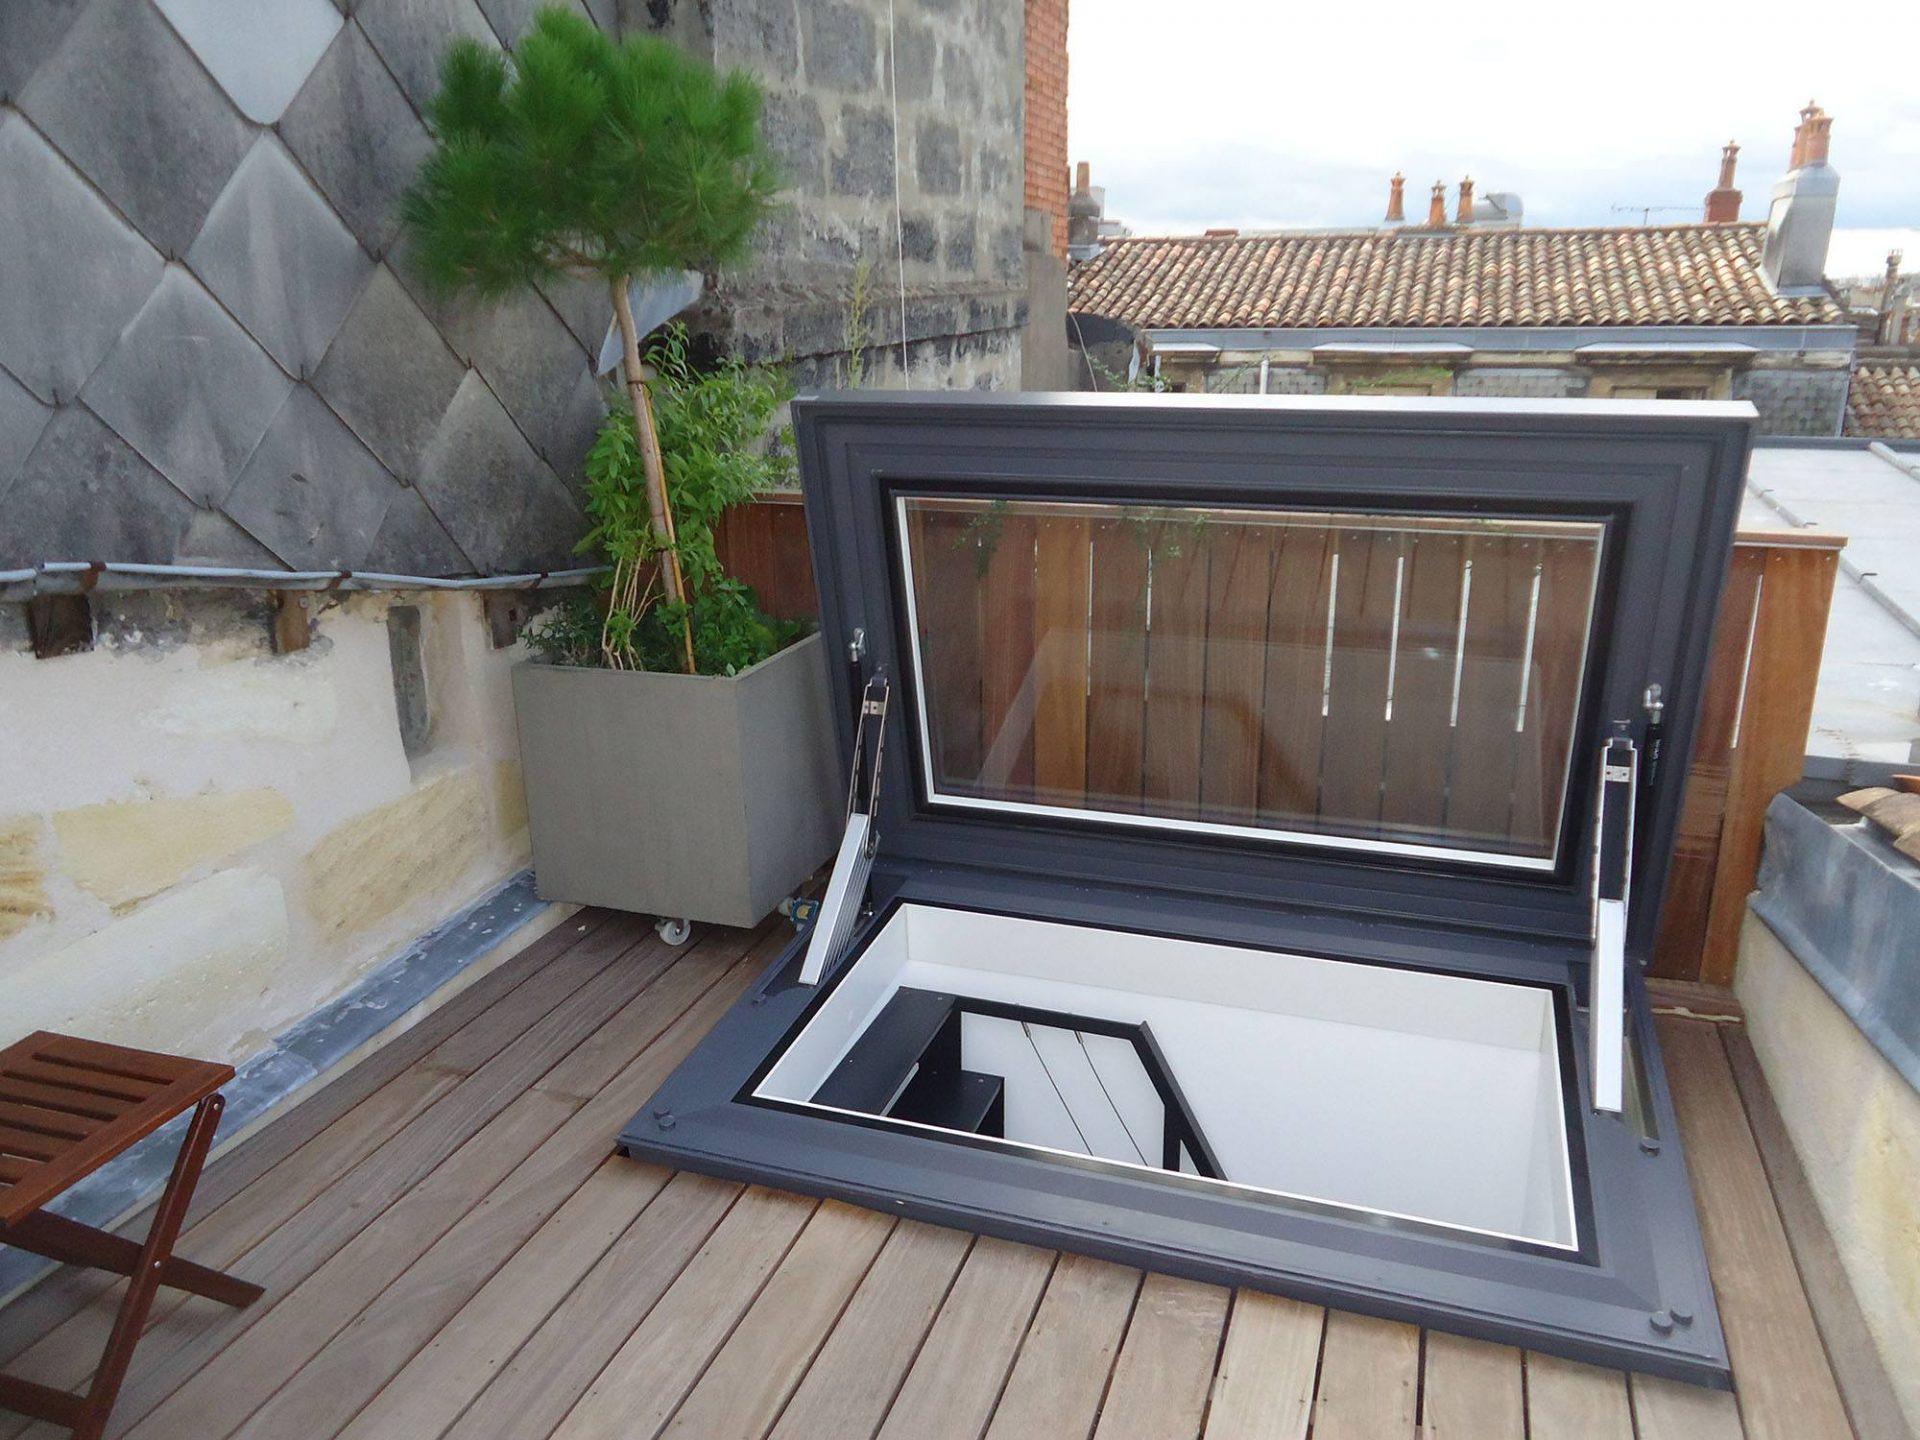 Accès Au Toit - Glazing Vision Europe serapportantà Acces Toit Terrasse